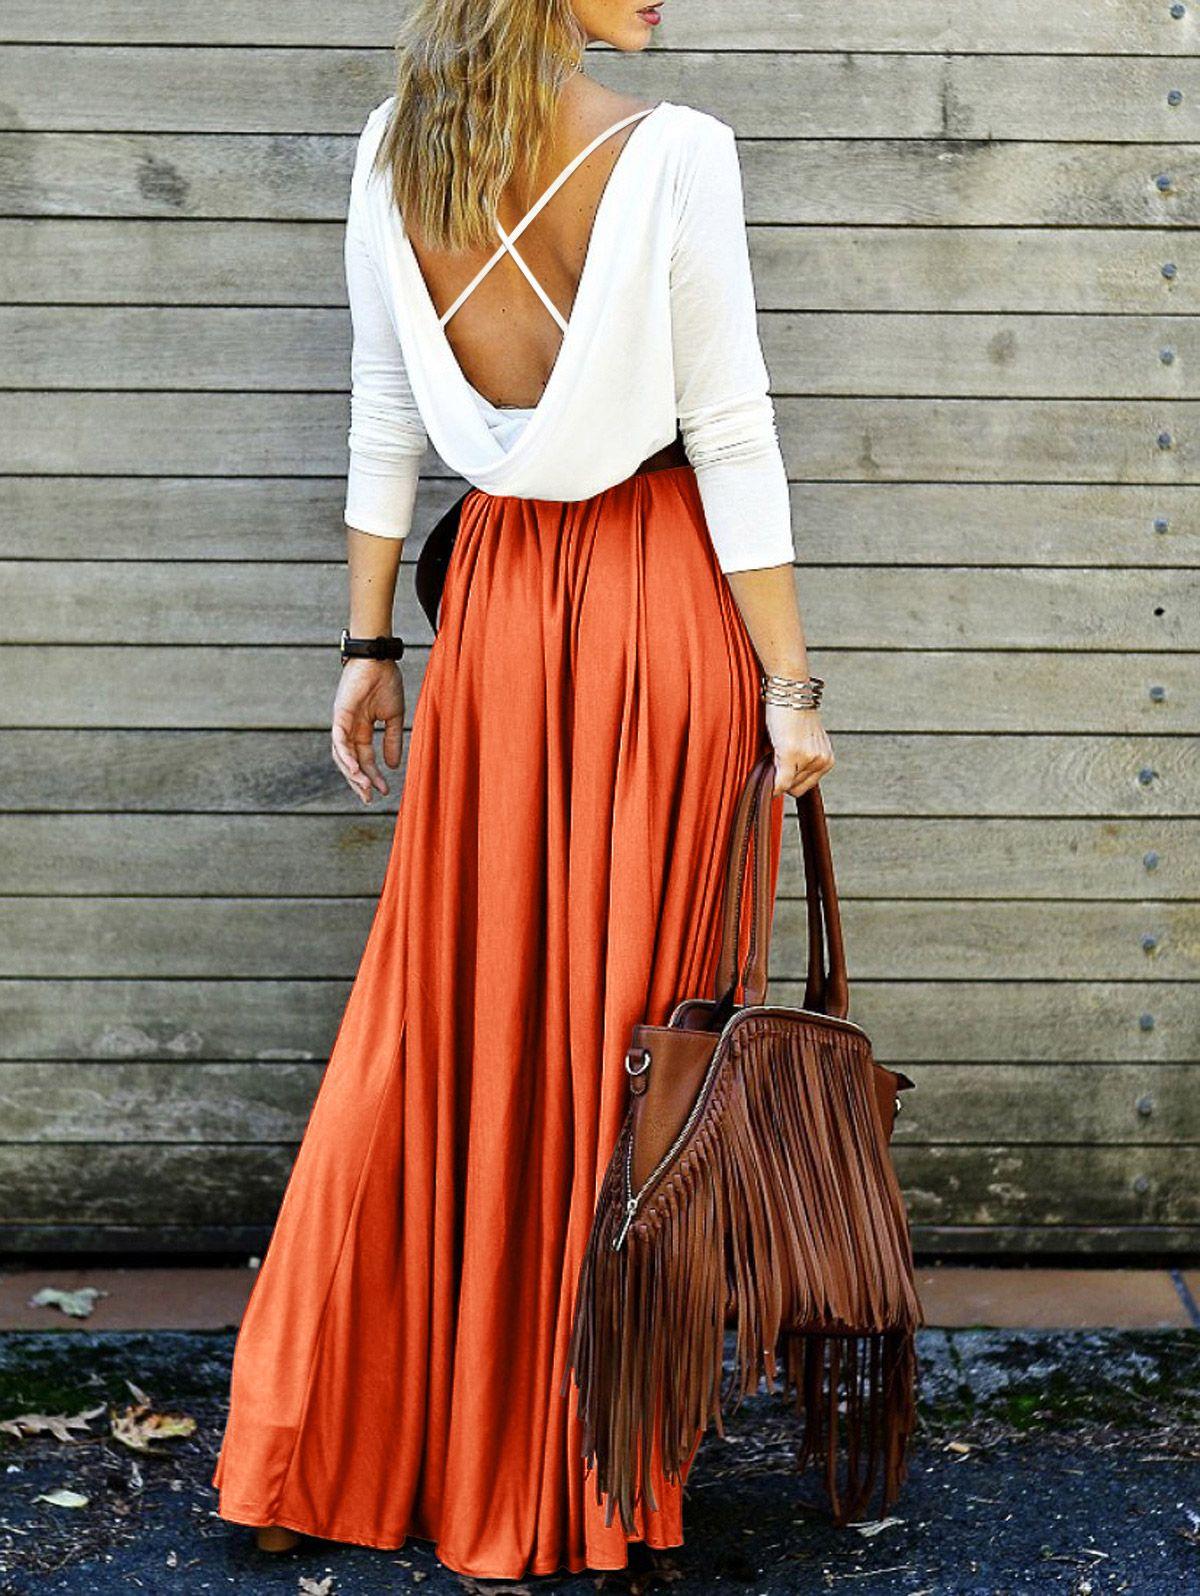 345da3d1b Spliced Back Criss-Cross Maxi Dress   If you like it, wear it in ...